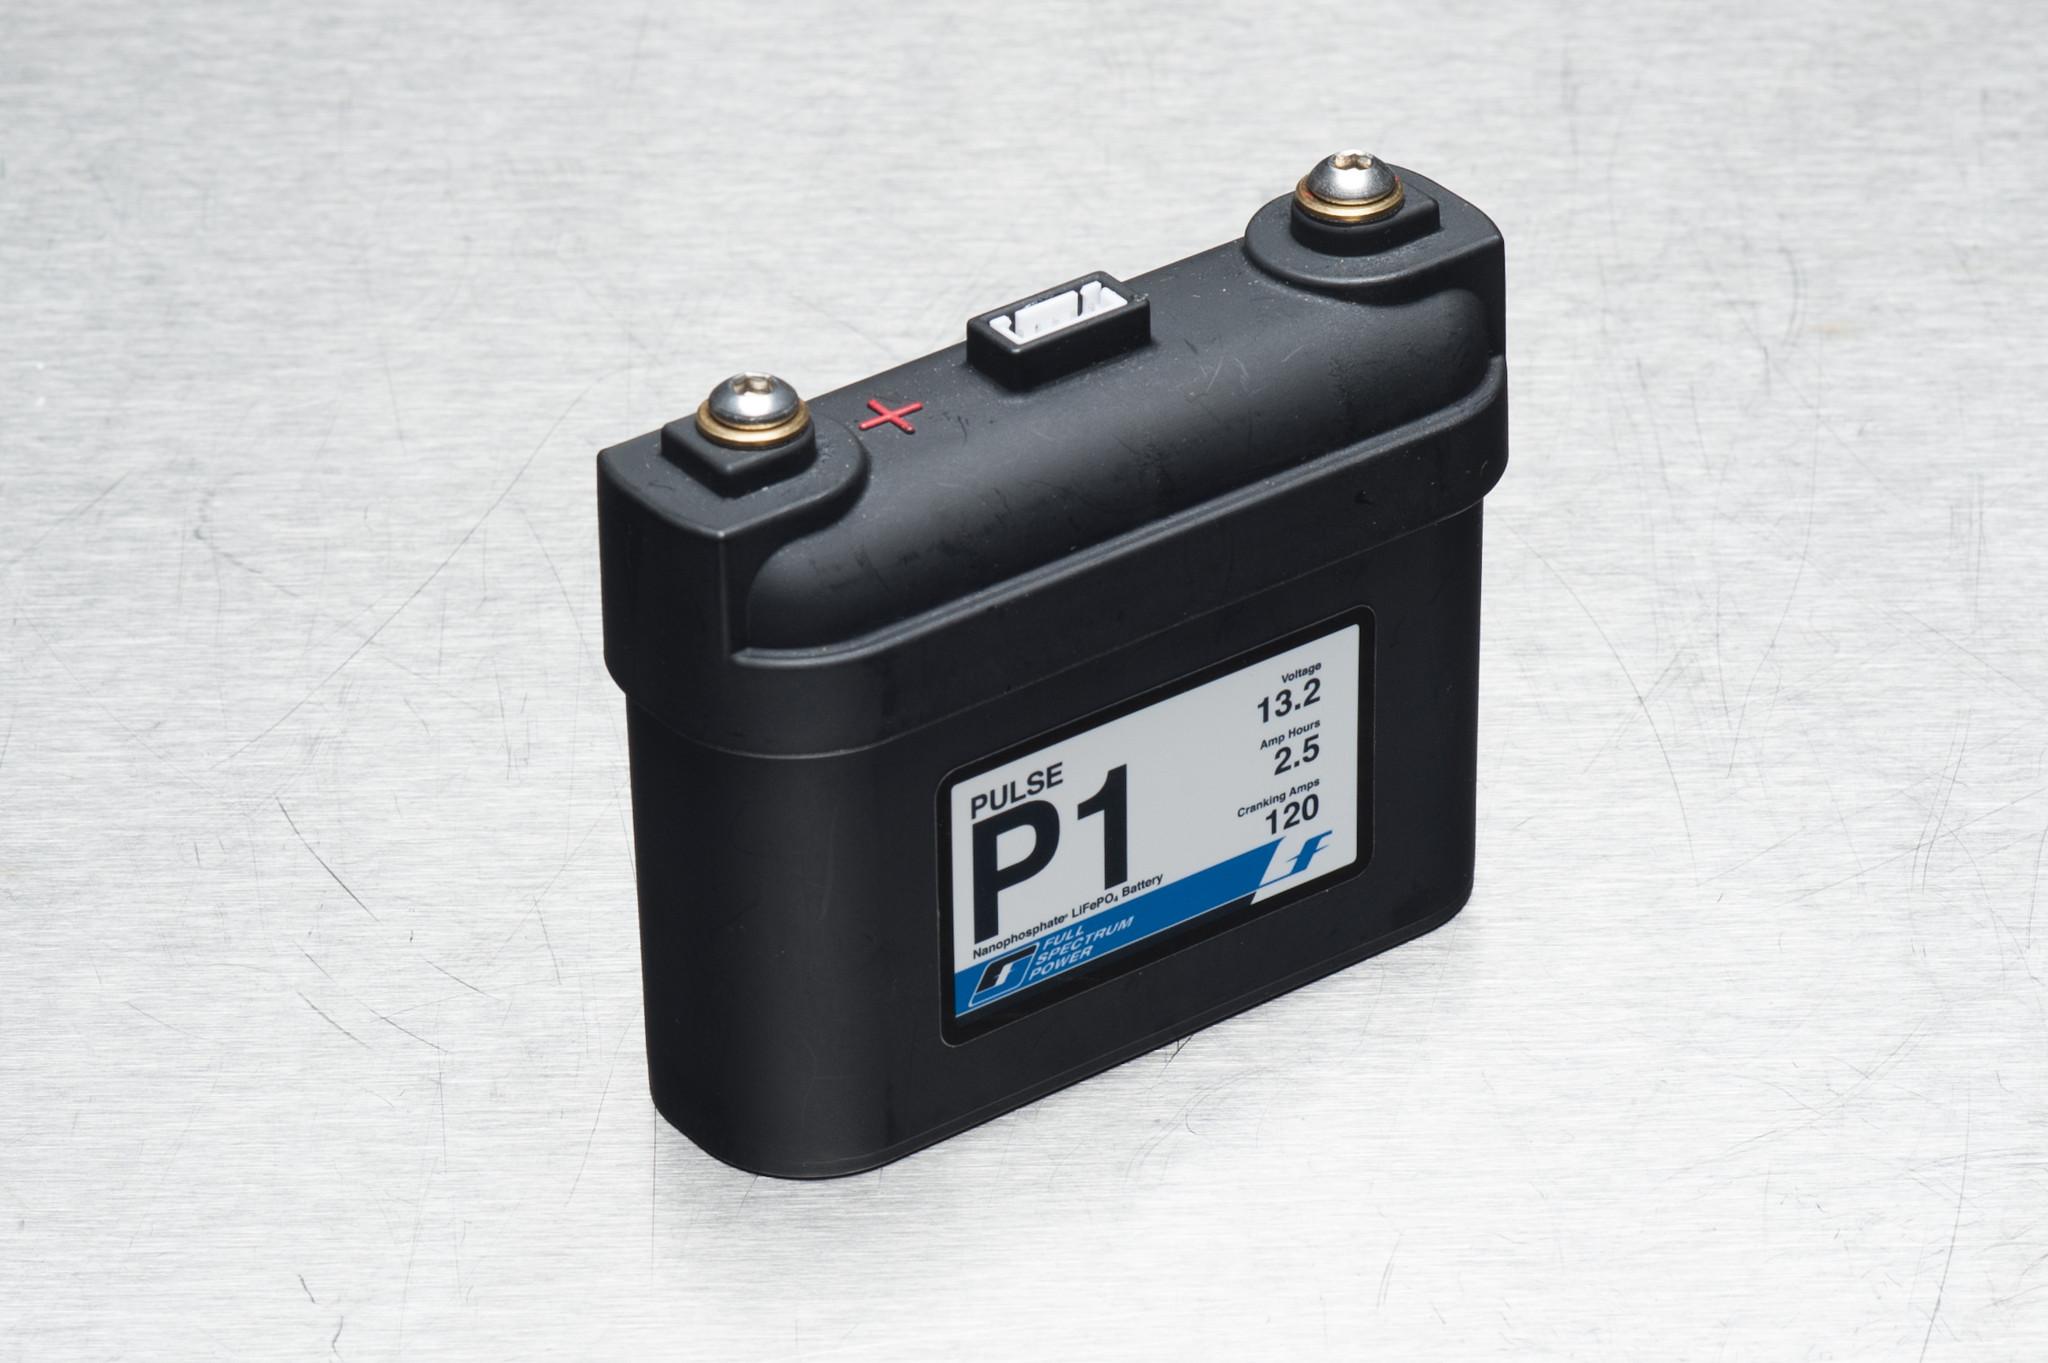 Full Spectrum Pulse Batteries